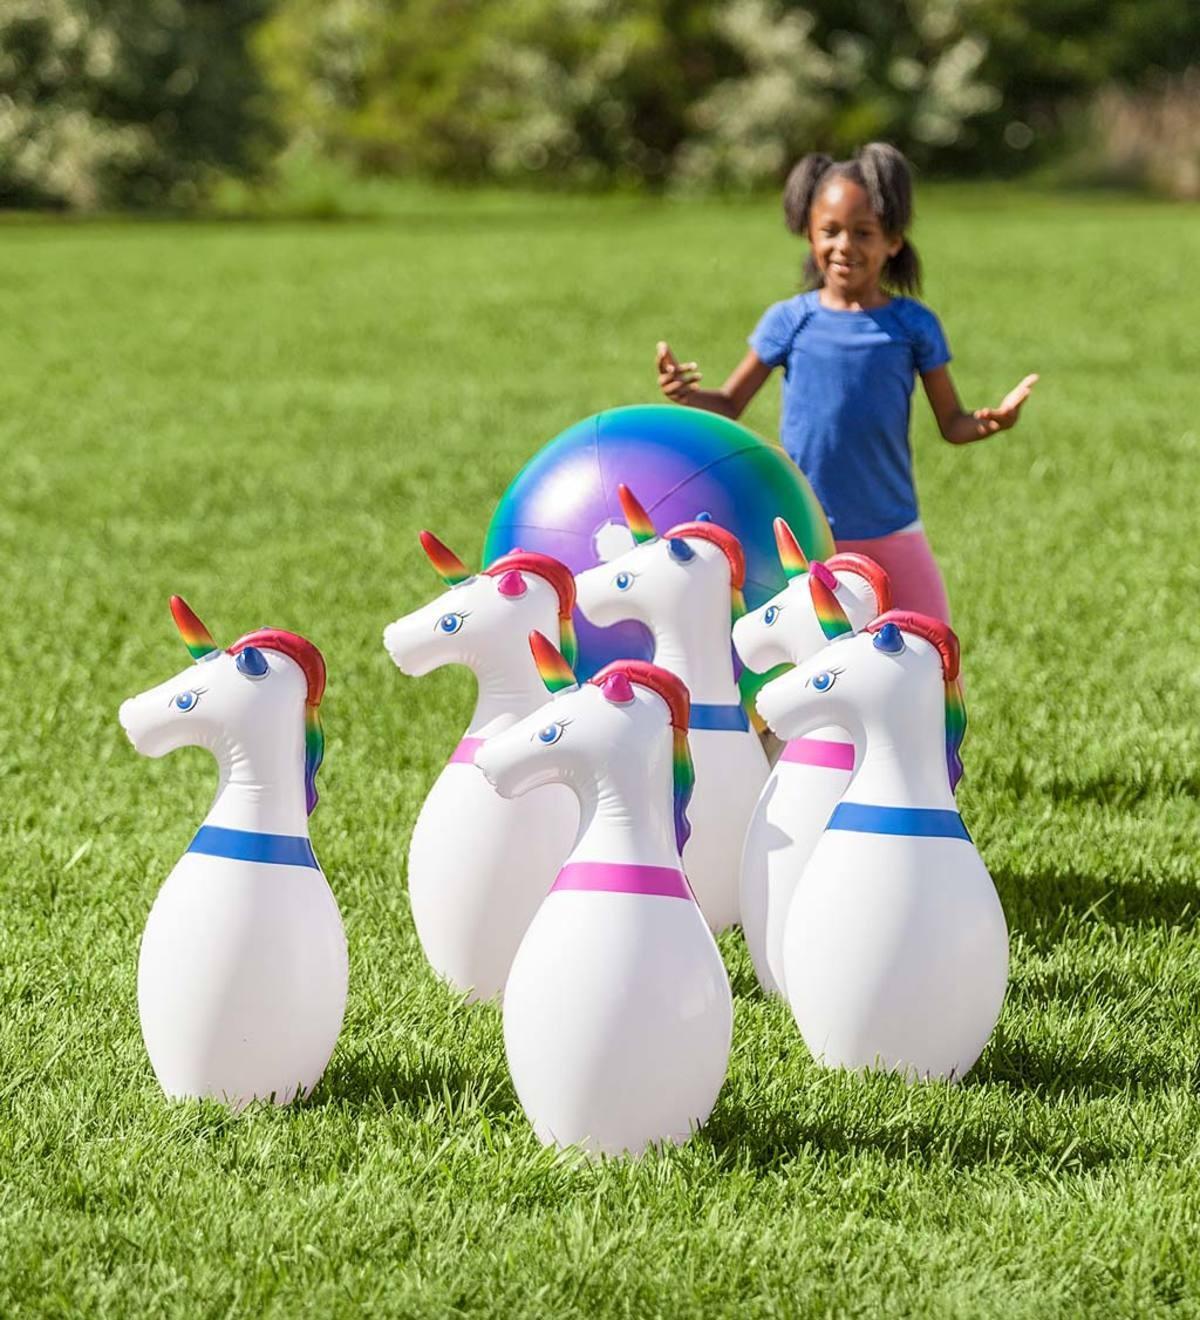 افكار مسابقات عائلية - البولينج العملاق